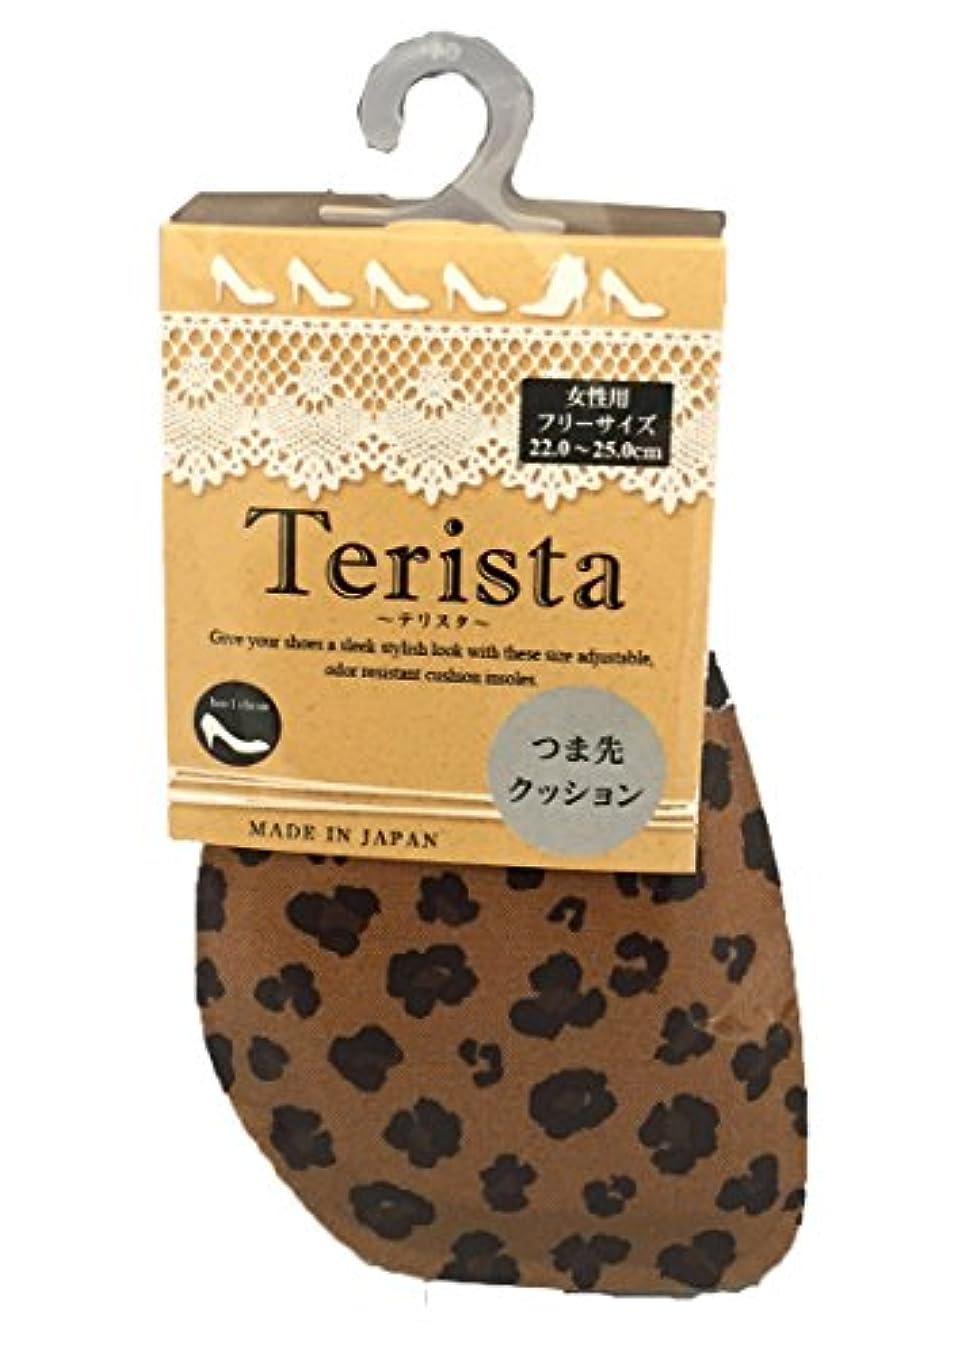 ストロークセンターバングラデシュモリト テリスタ つま先クッション レオパード柄 女性用 22.0~25.0cm